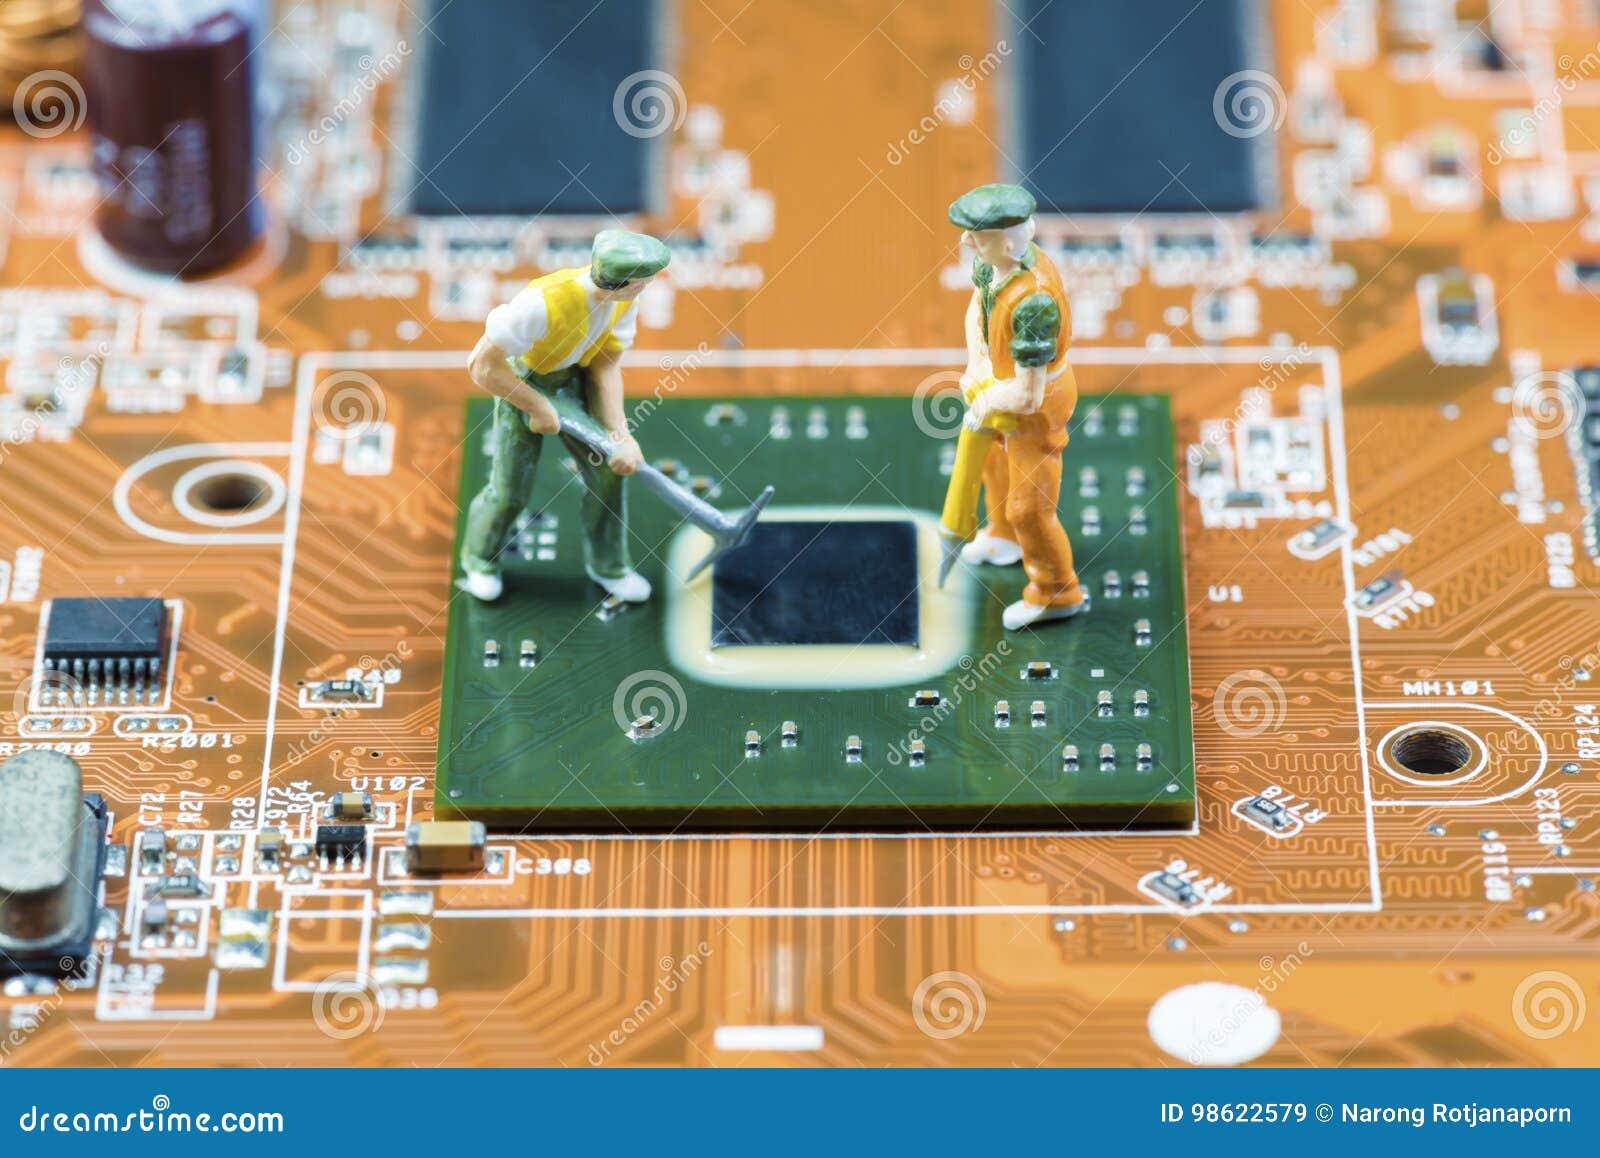 Sluit omhoog van Kringen Elektronisch op Mainboard-van de Achtergrond technologiecomputer logicaraad, cpu-motherboard, Hoofdraad,